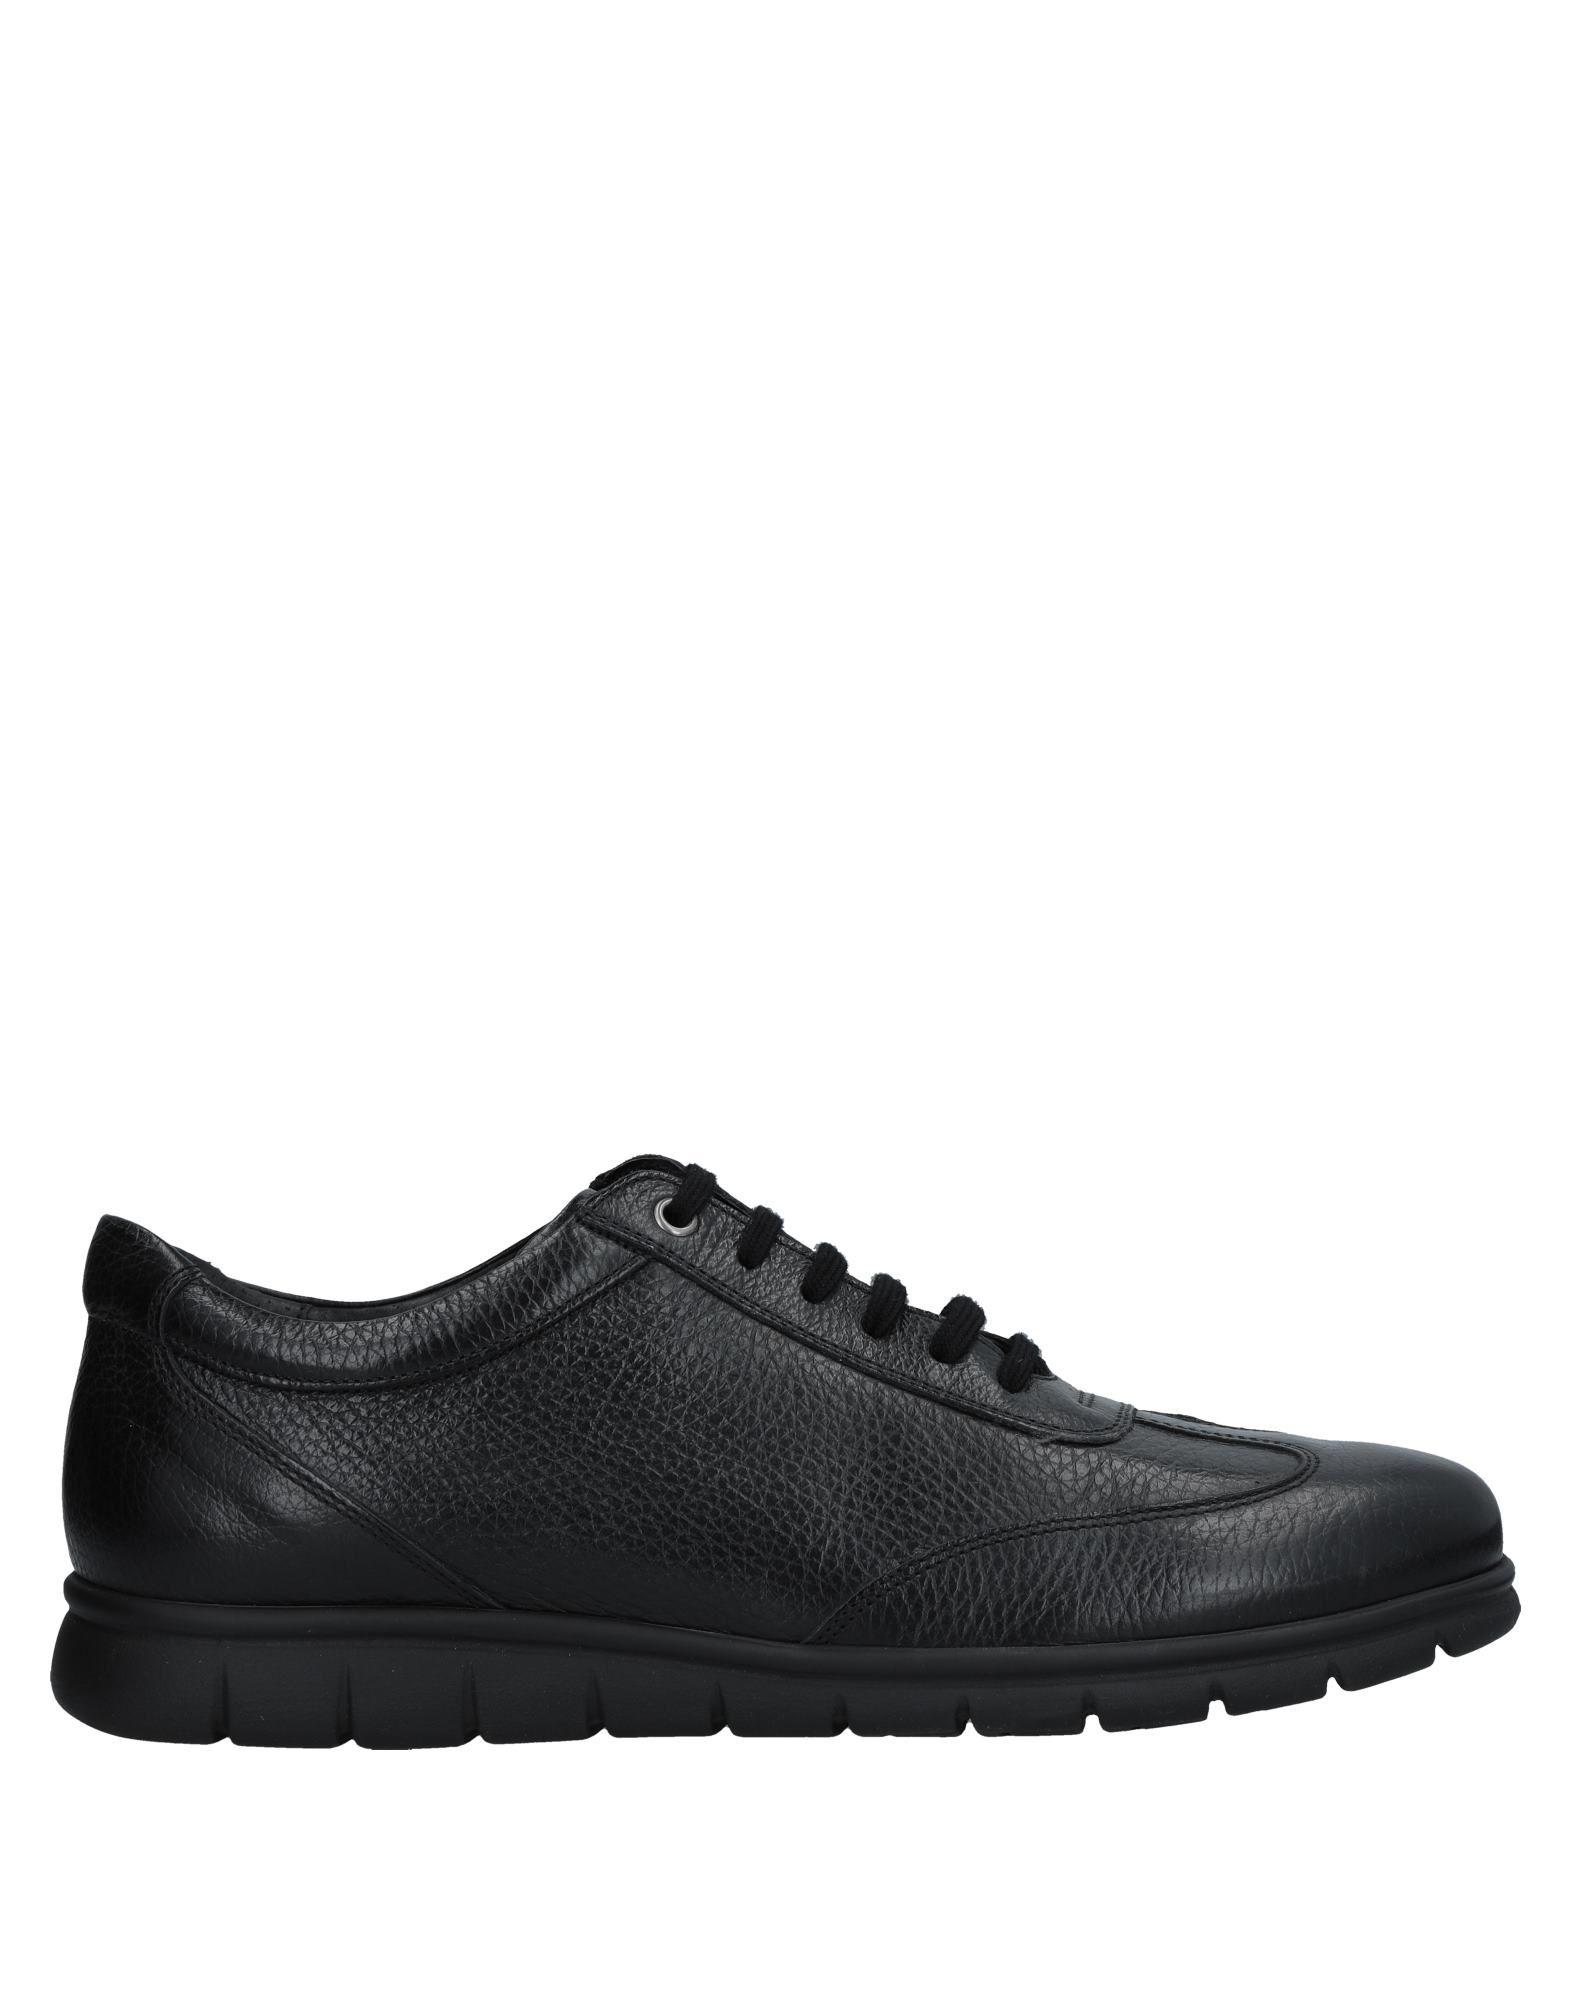 Sneakers Anderson Uomo - 11521599EK Scarpe economiche e buone